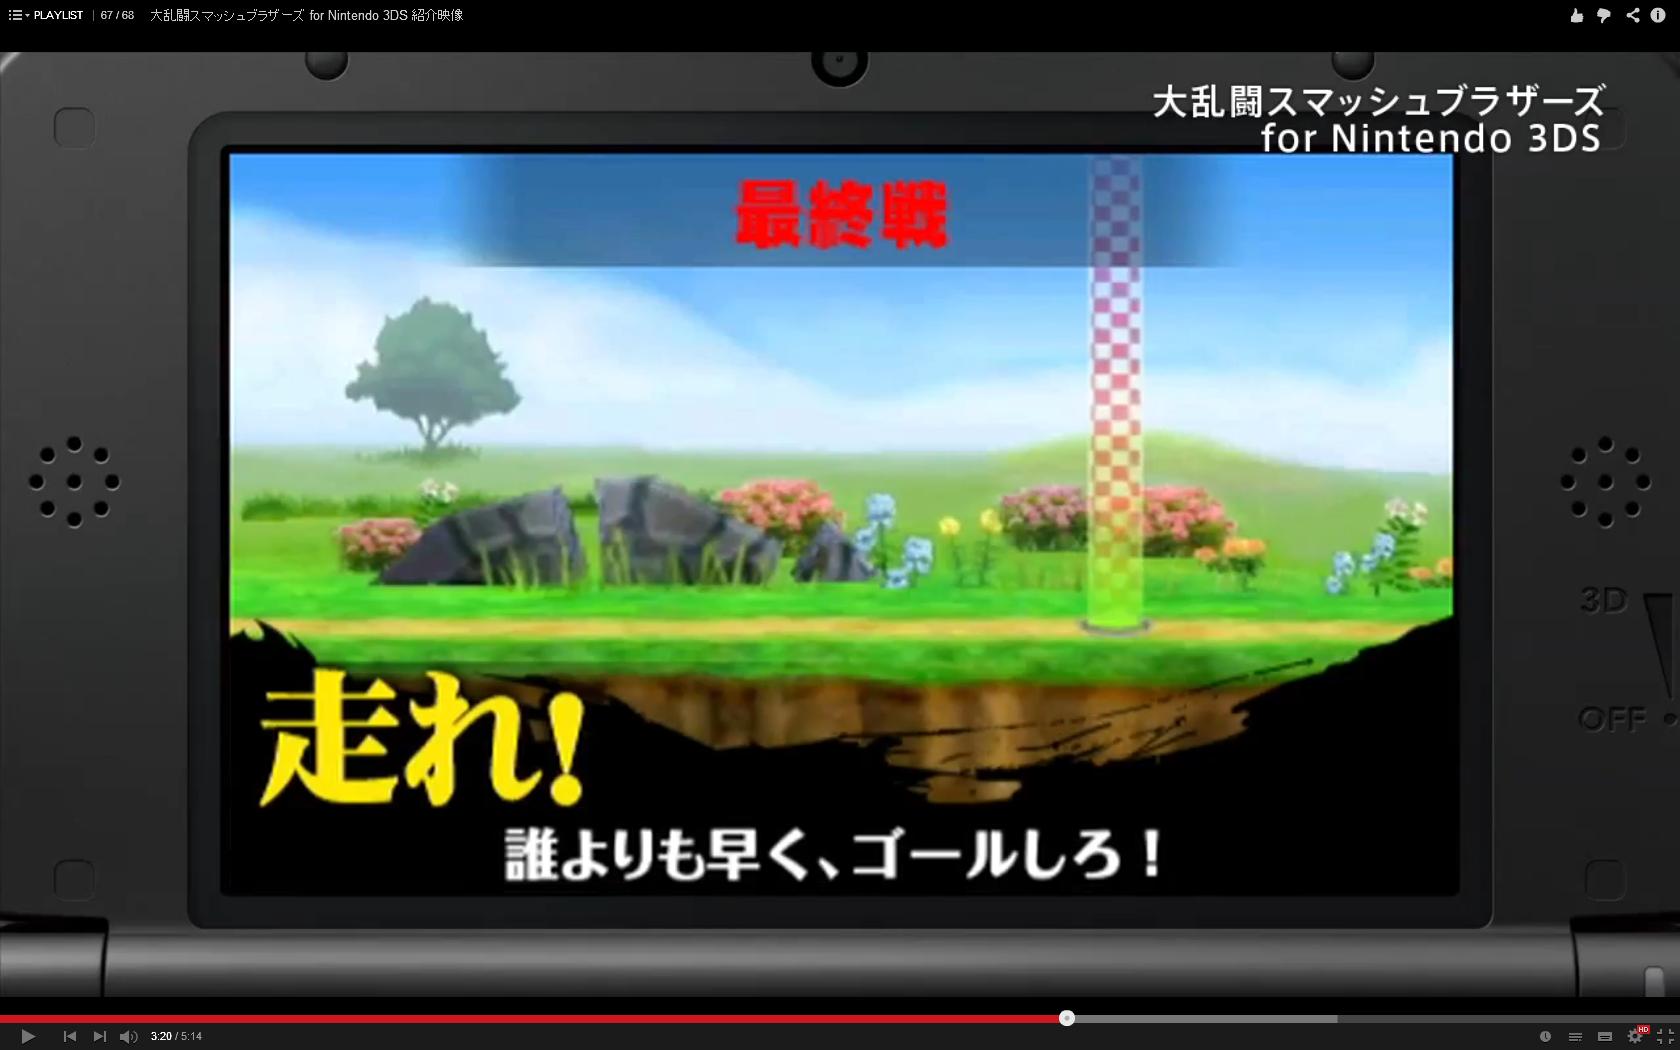 [Officiel] Liste des stages 3DS + nouvelle vidéo 1409320439076361700